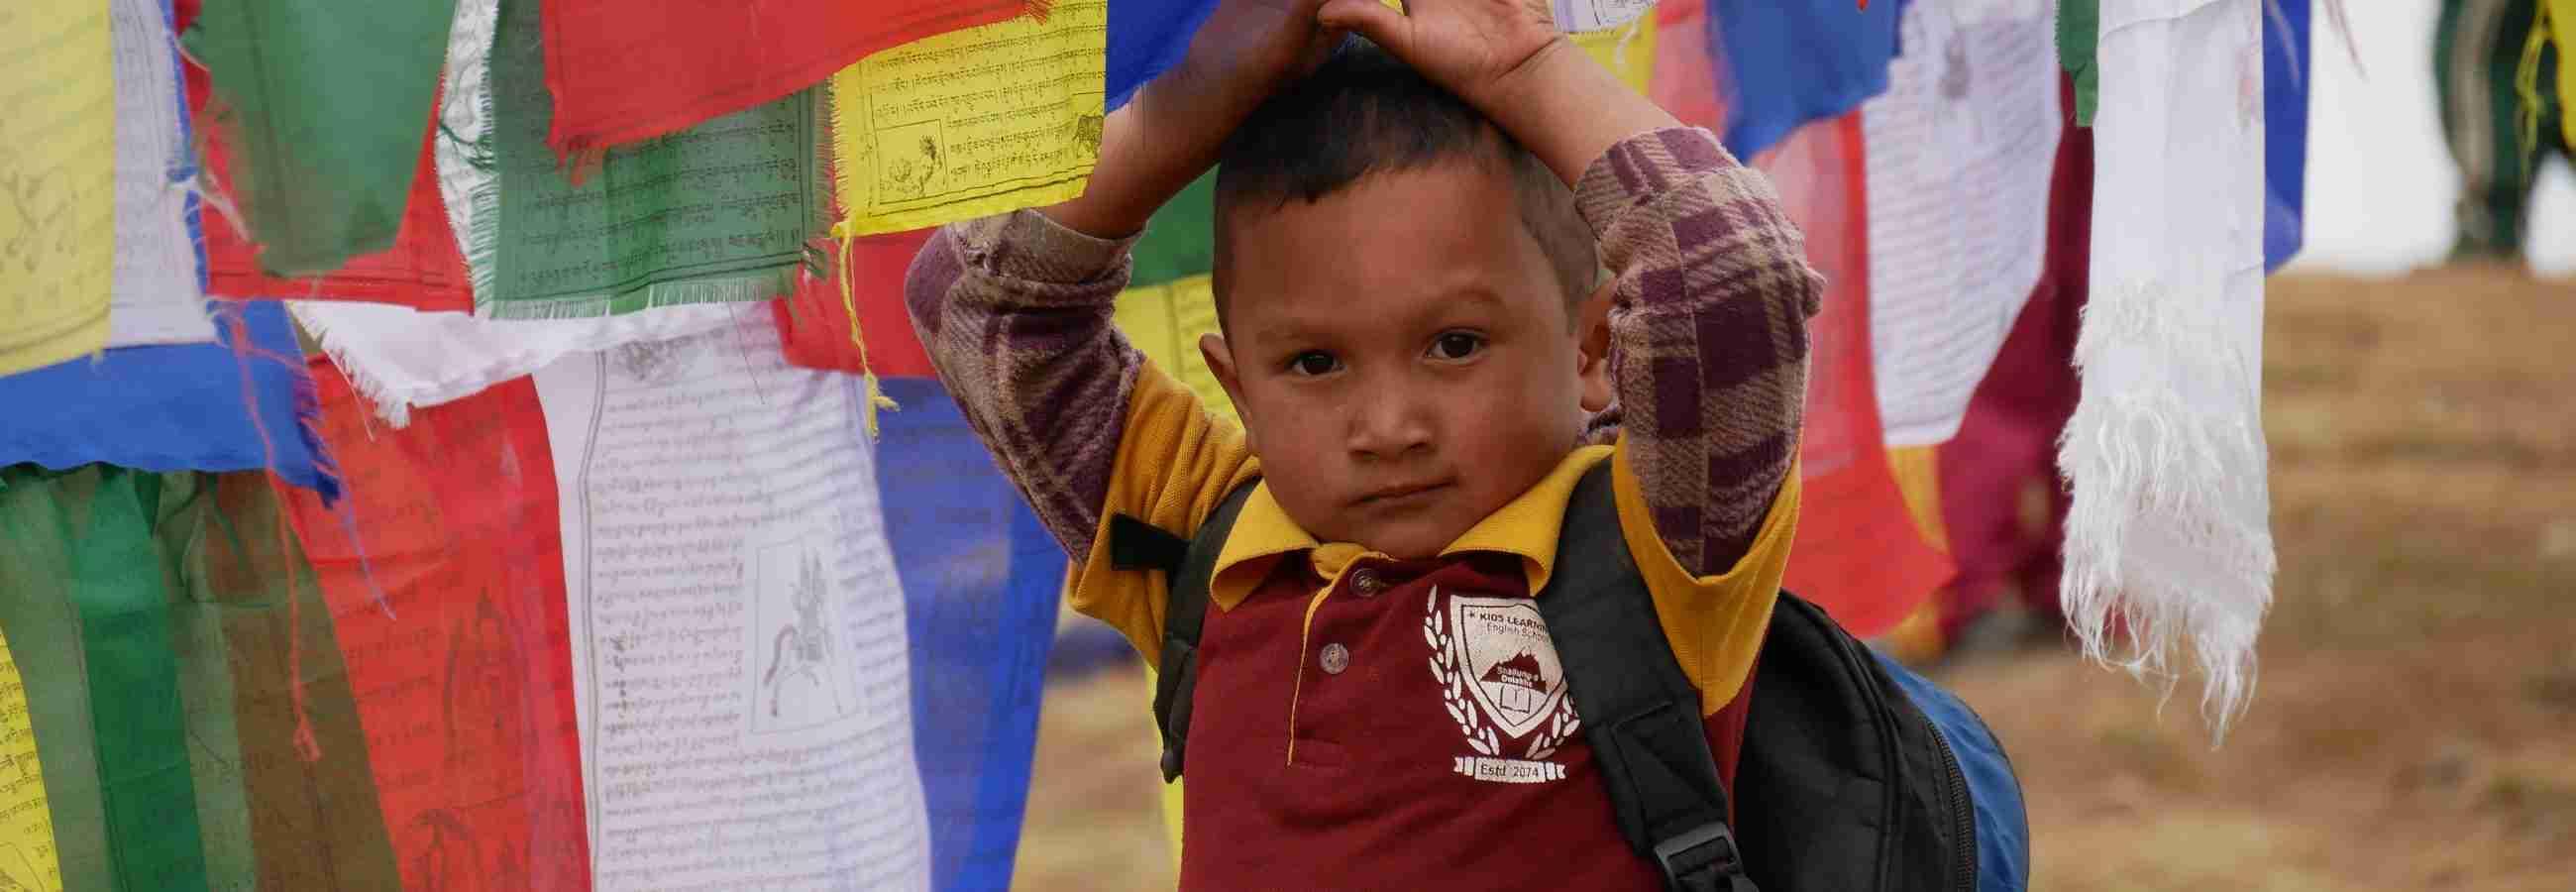 Donate_help_children_Sailung_Nepal